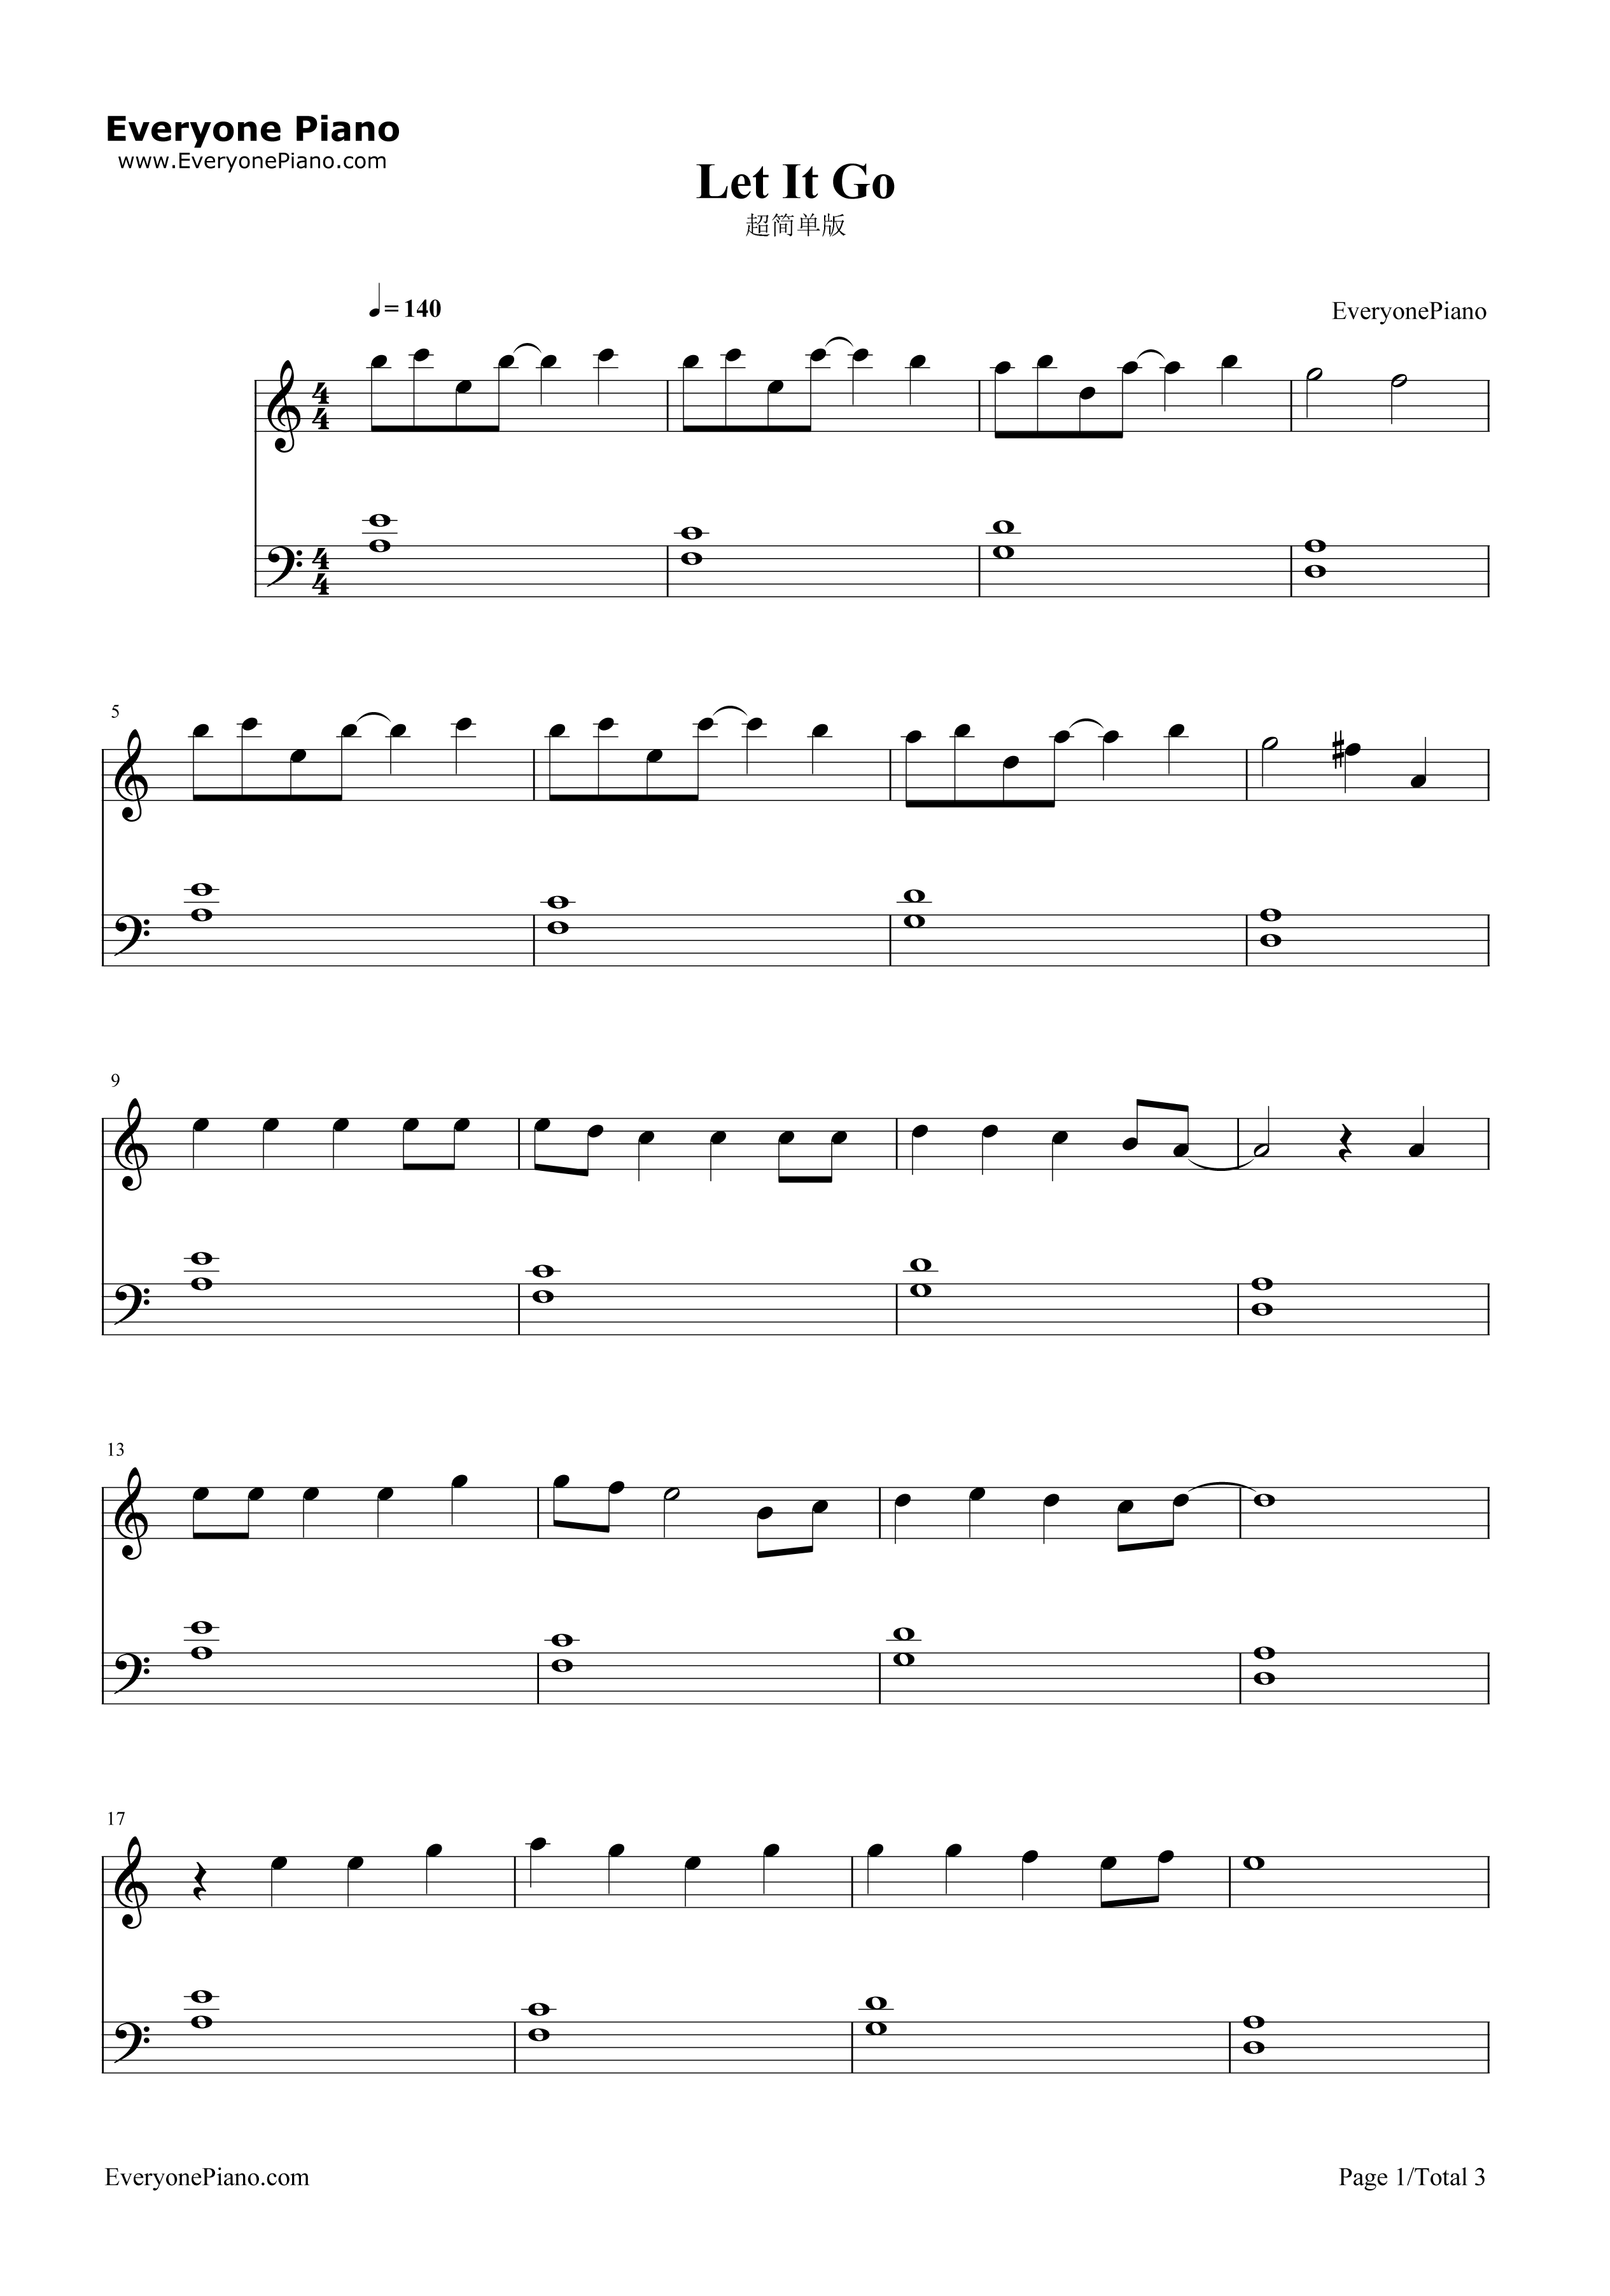 ゴー ピアノ イット レット